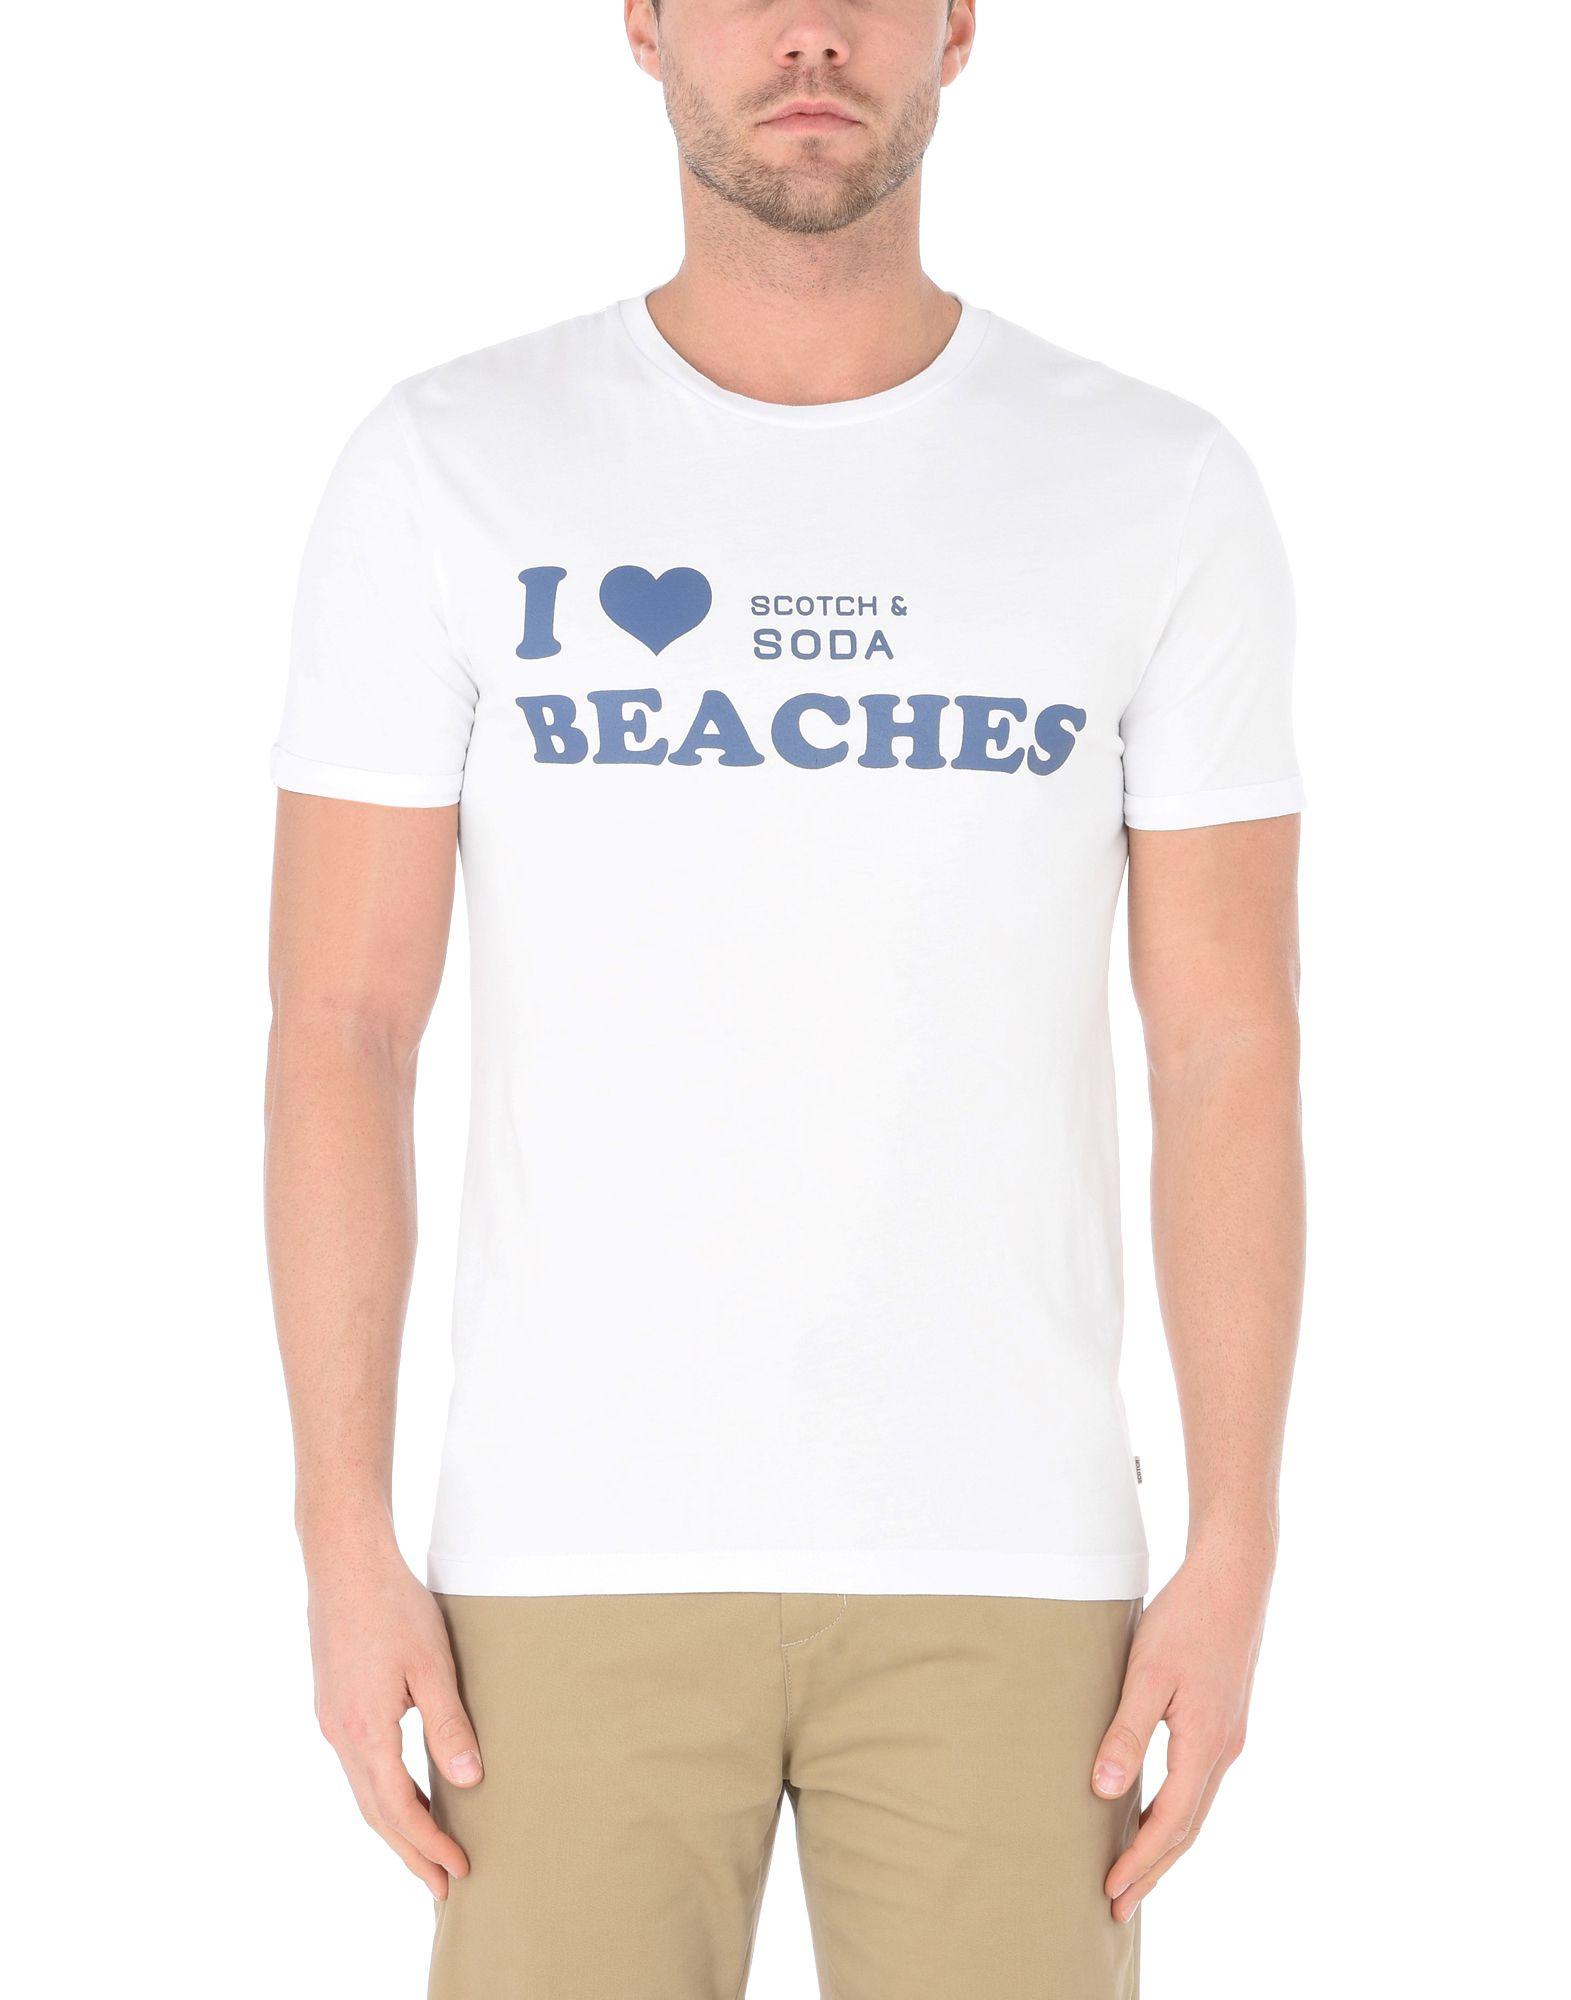 T-Shirt Scotch & & Scotch Soda Uomo - 12167947XG bf9ec5